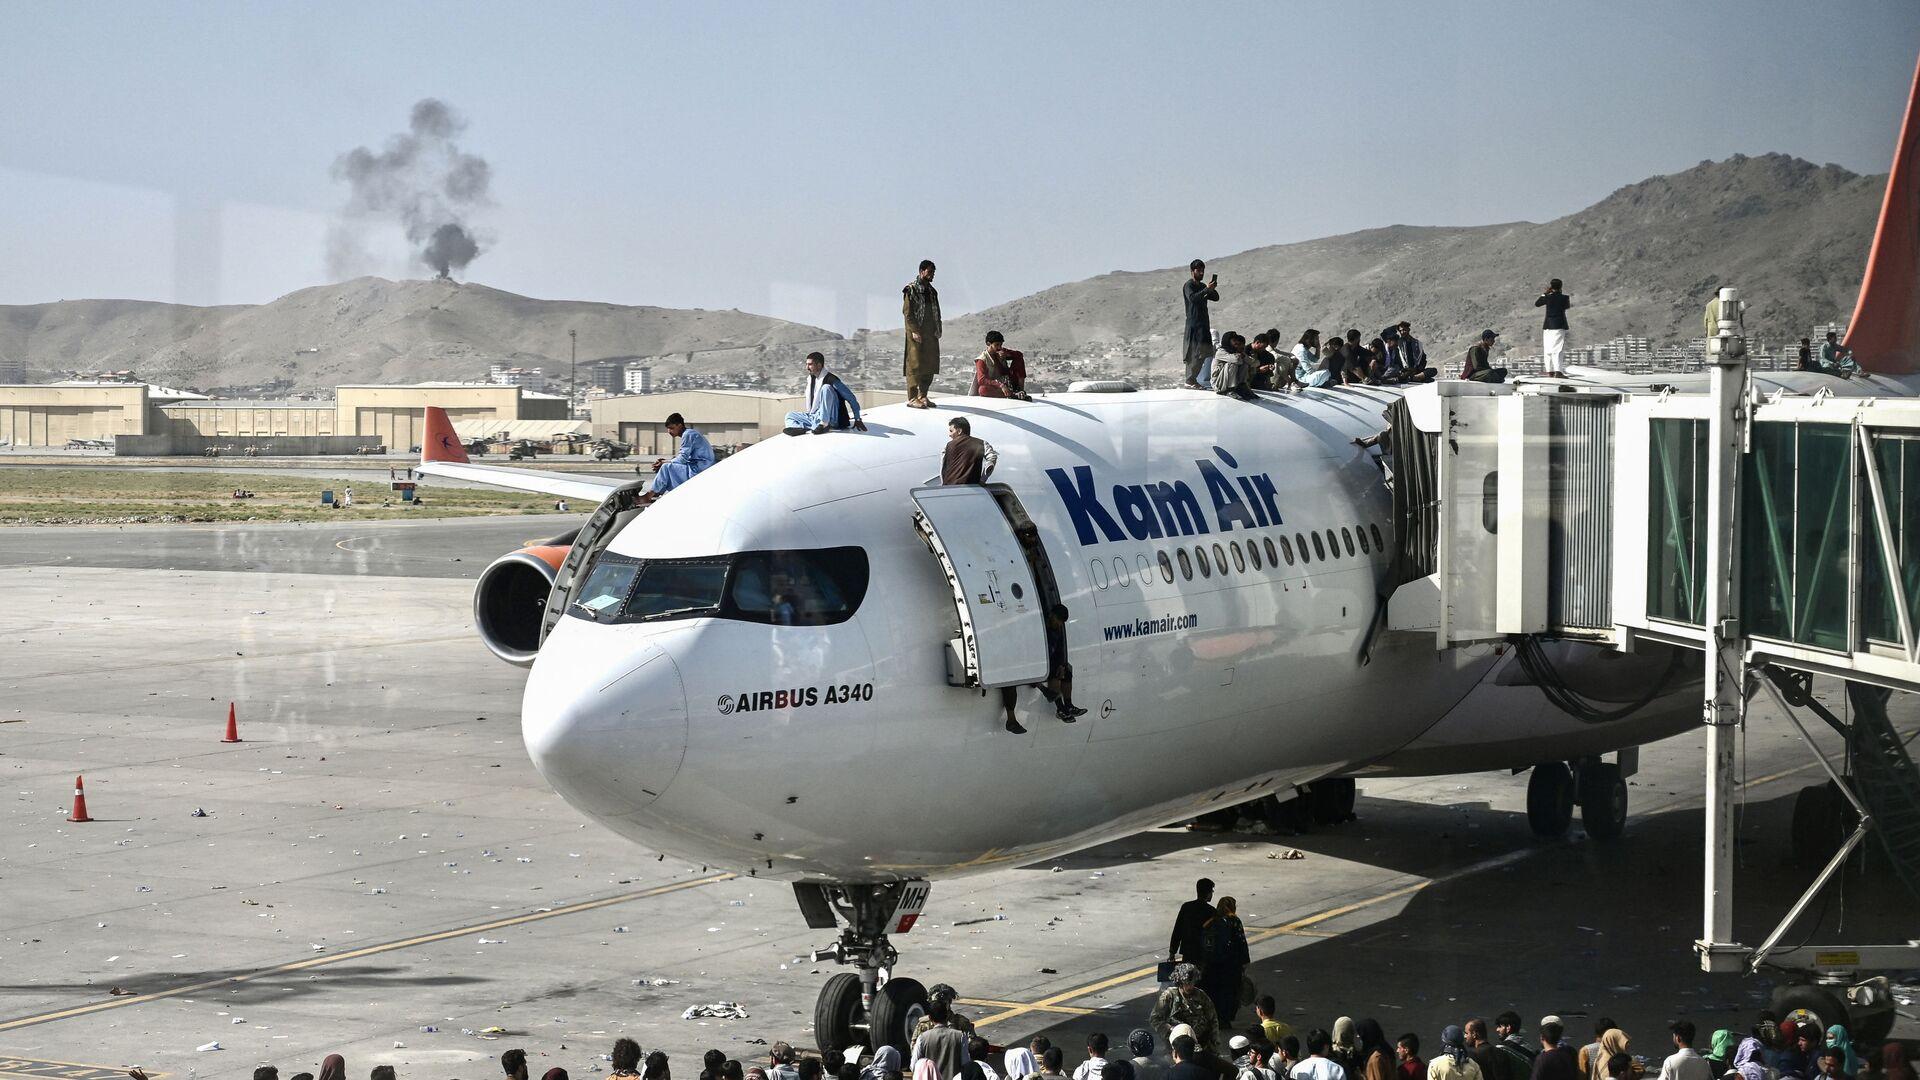 Afghánci na letišti poté, co Taliban vstoupil do Kábulu - Sputnik Česká republika, 1920, 04.09.2021